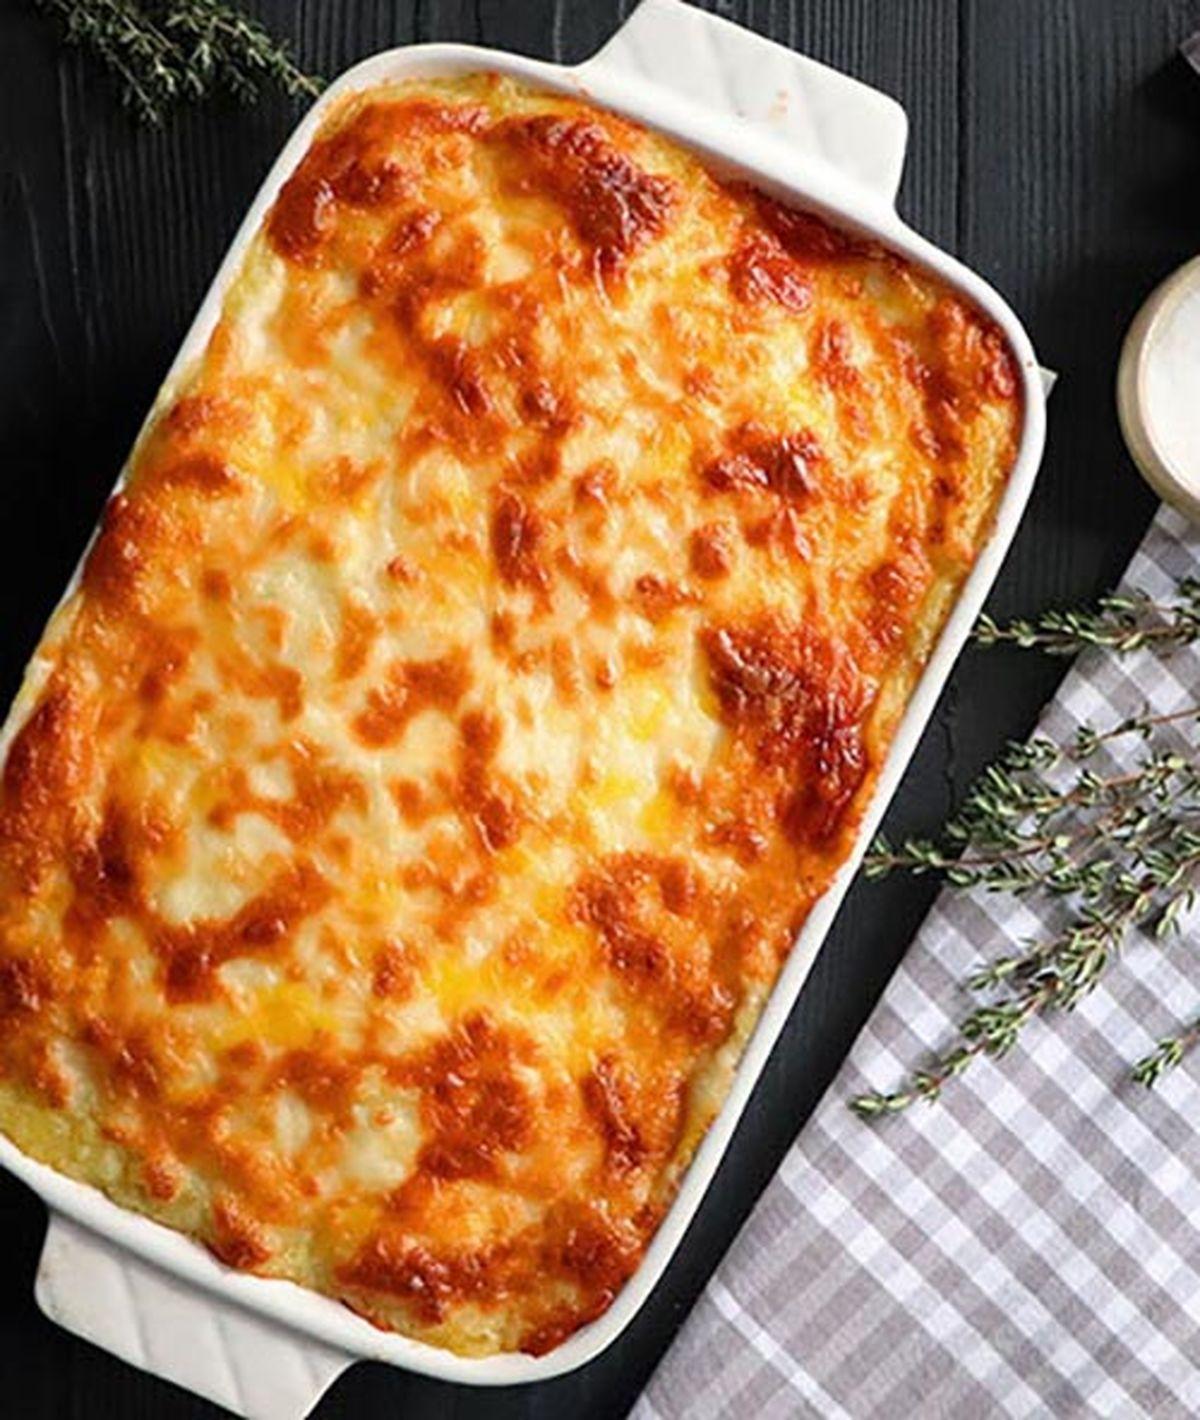 دستور تهیه کسرول مرغ و سیب زمینی غذای آسان و خوشمزه